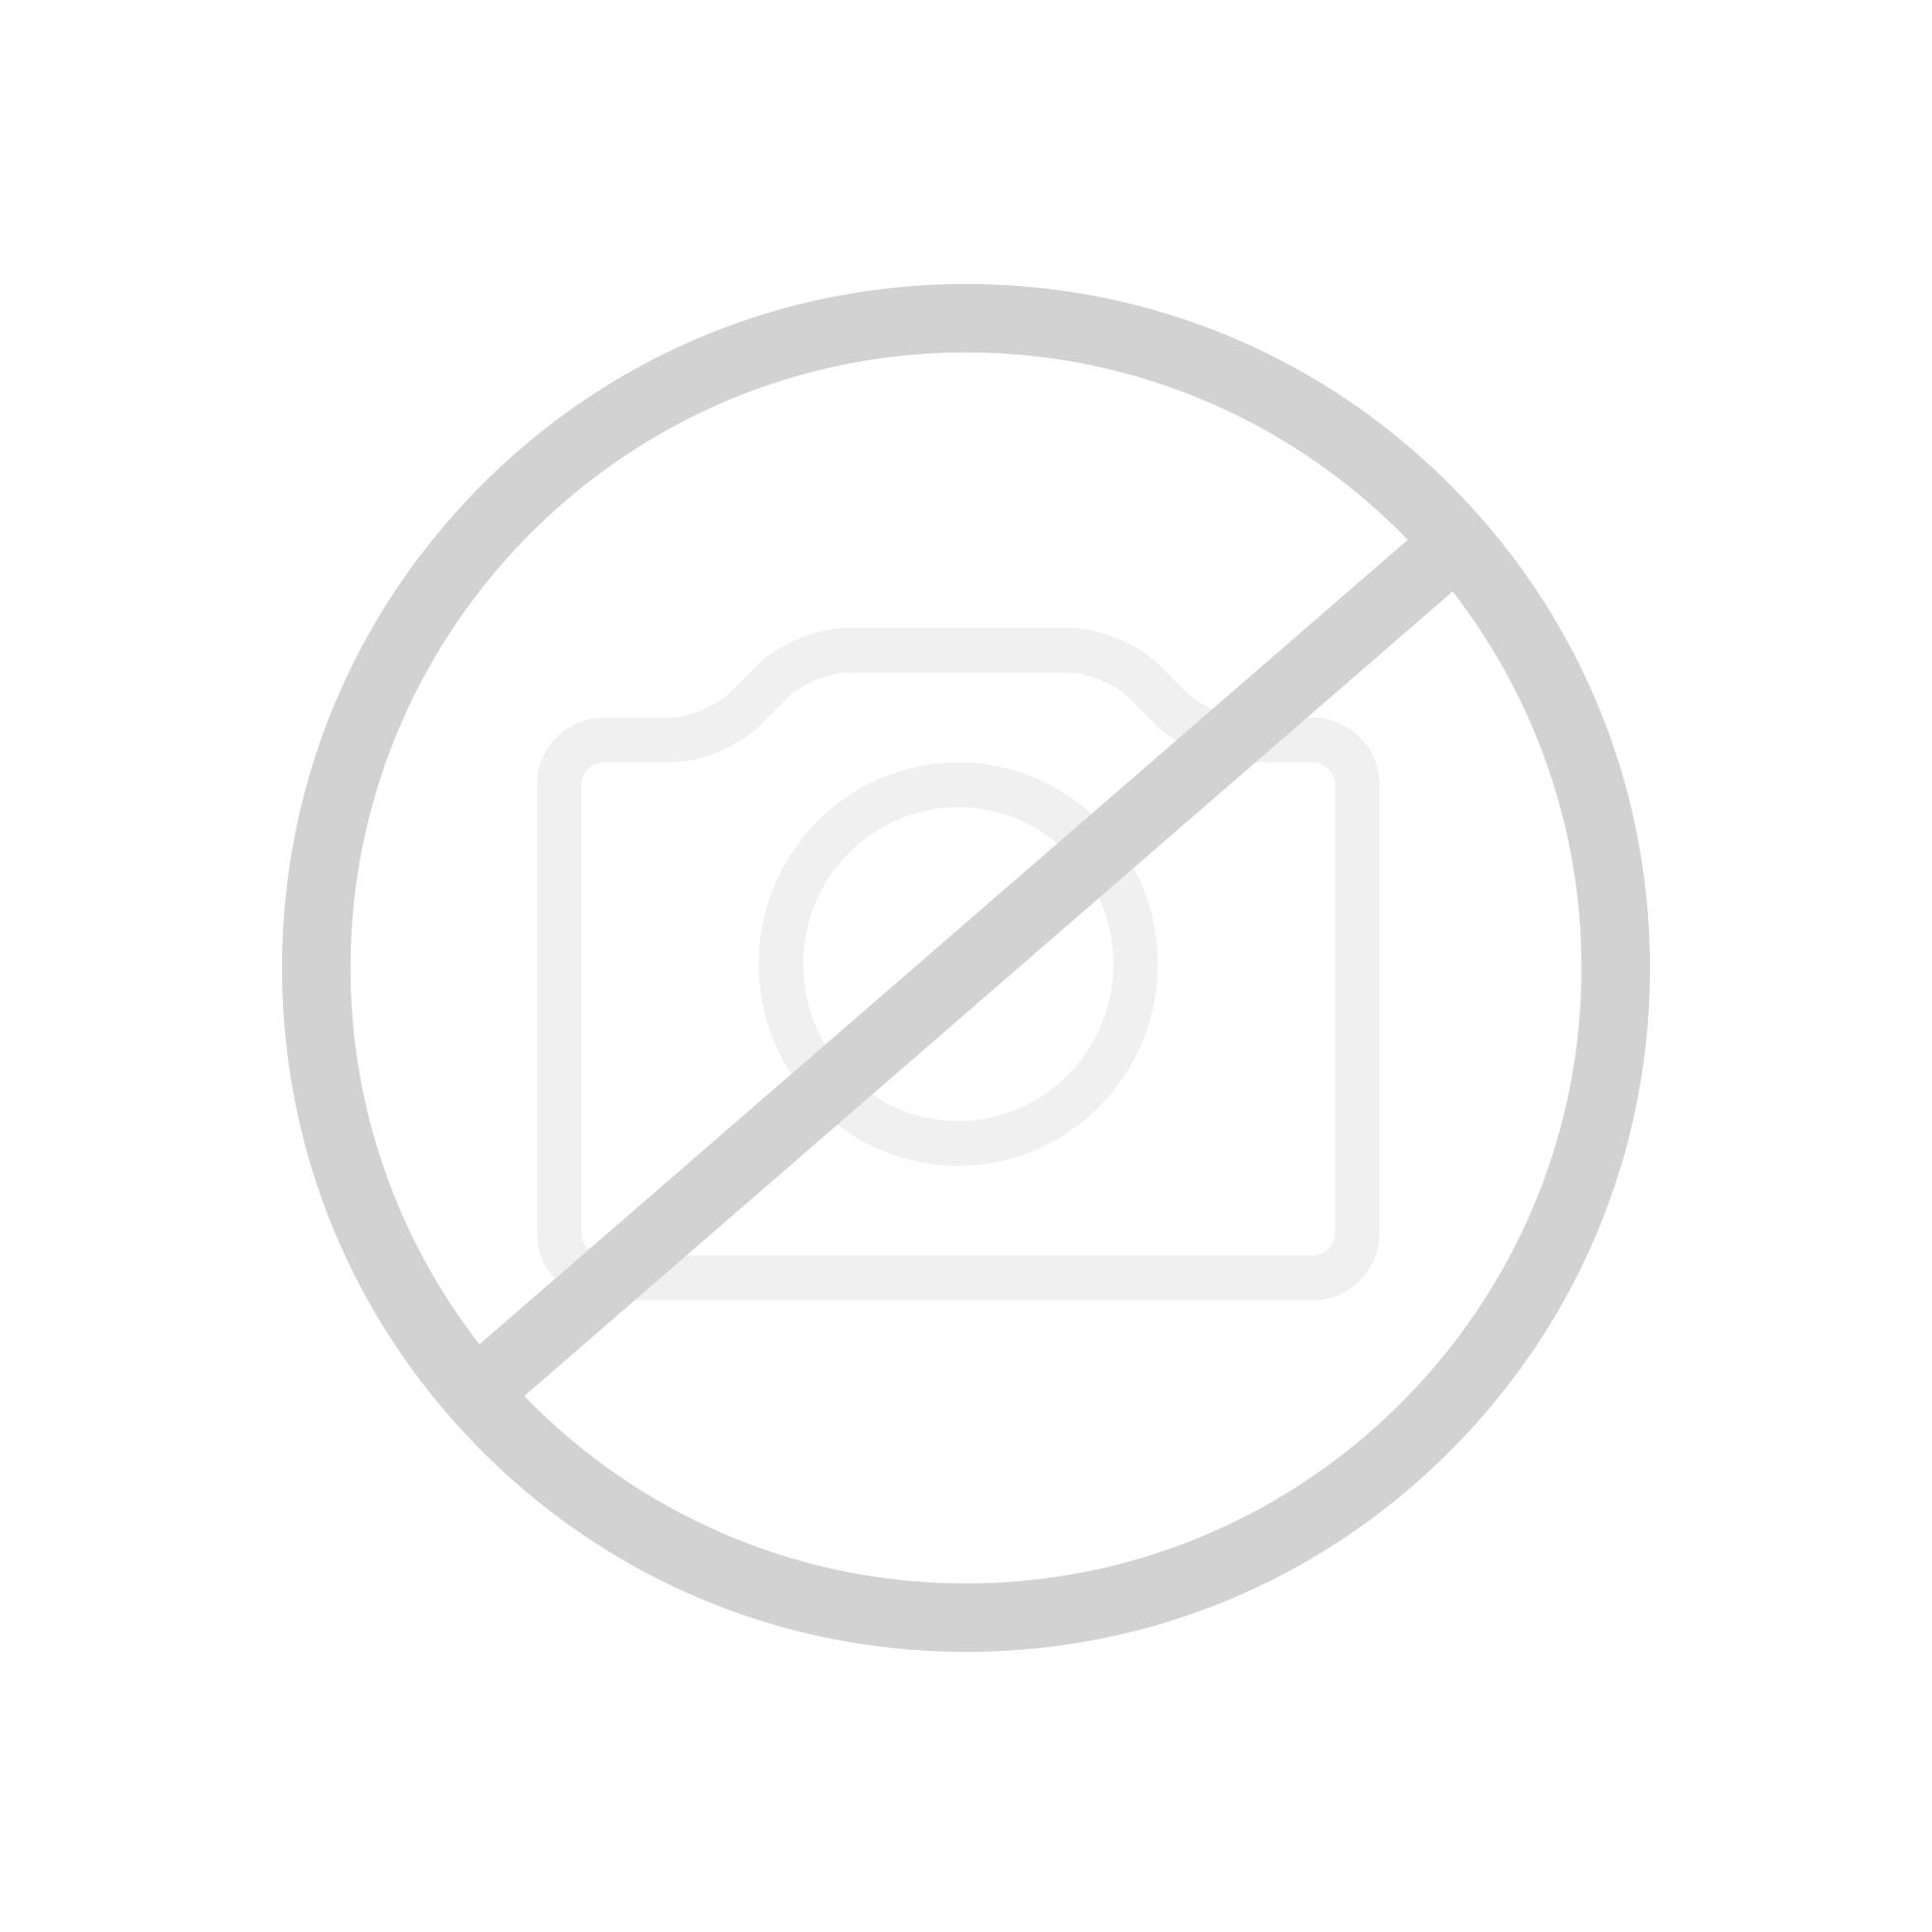 ottofond madras eck badewanne mit wannentr ger 901001. Black Bedroom Furniture Sets. Home Design Ideas